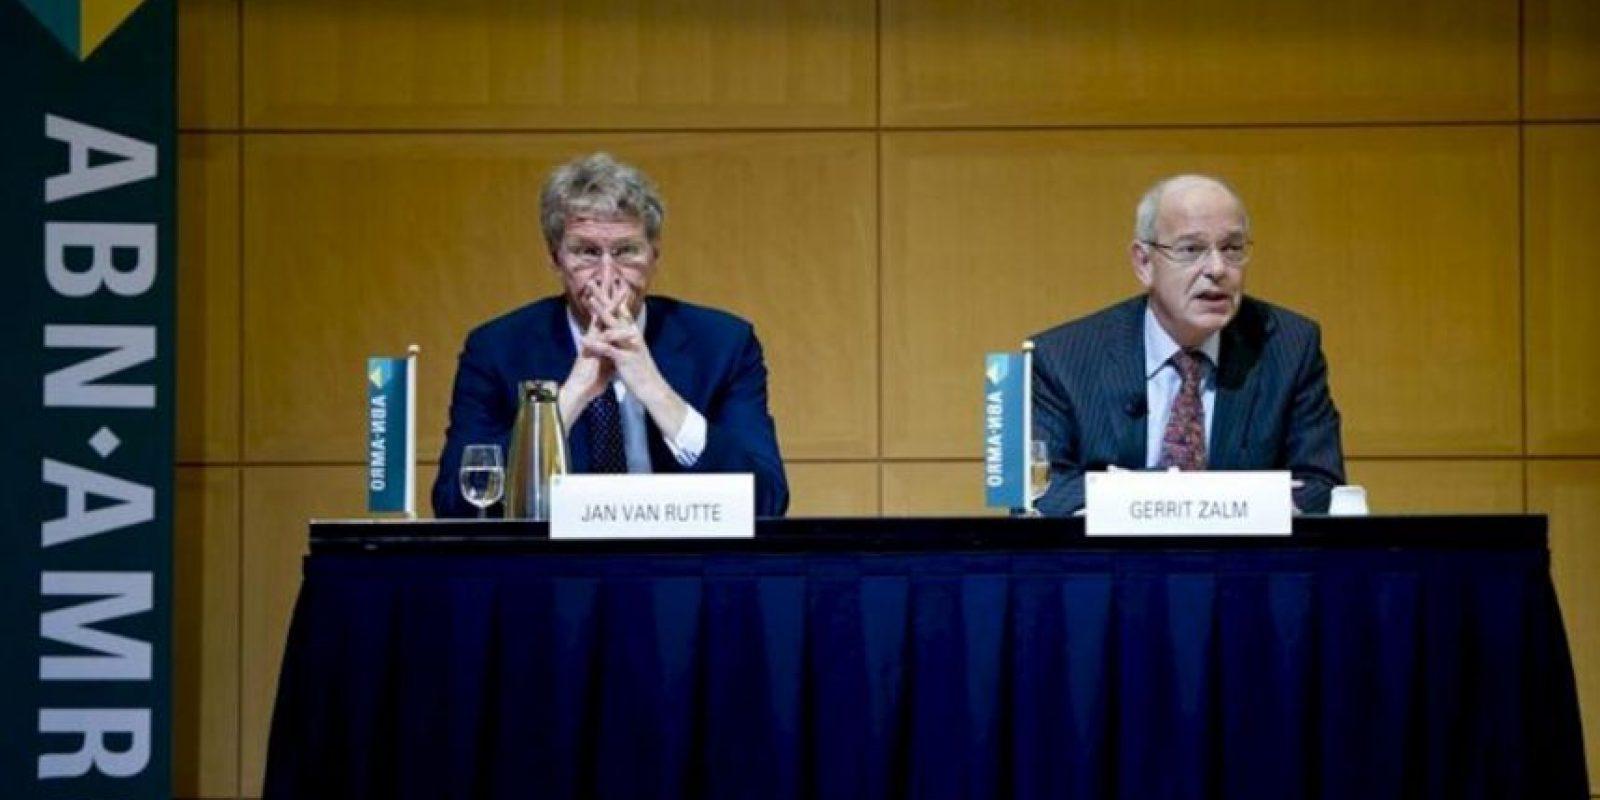 El presidente del Consejo de Administración de Abn Amro, Gerrit Zalm (dcha), y el director financiero de Abn Amro, Jan van Rutte (izda), ofrecen una rueda de prensa en la sede del banco en Amsterdam (Holanda). EFE/Archivo